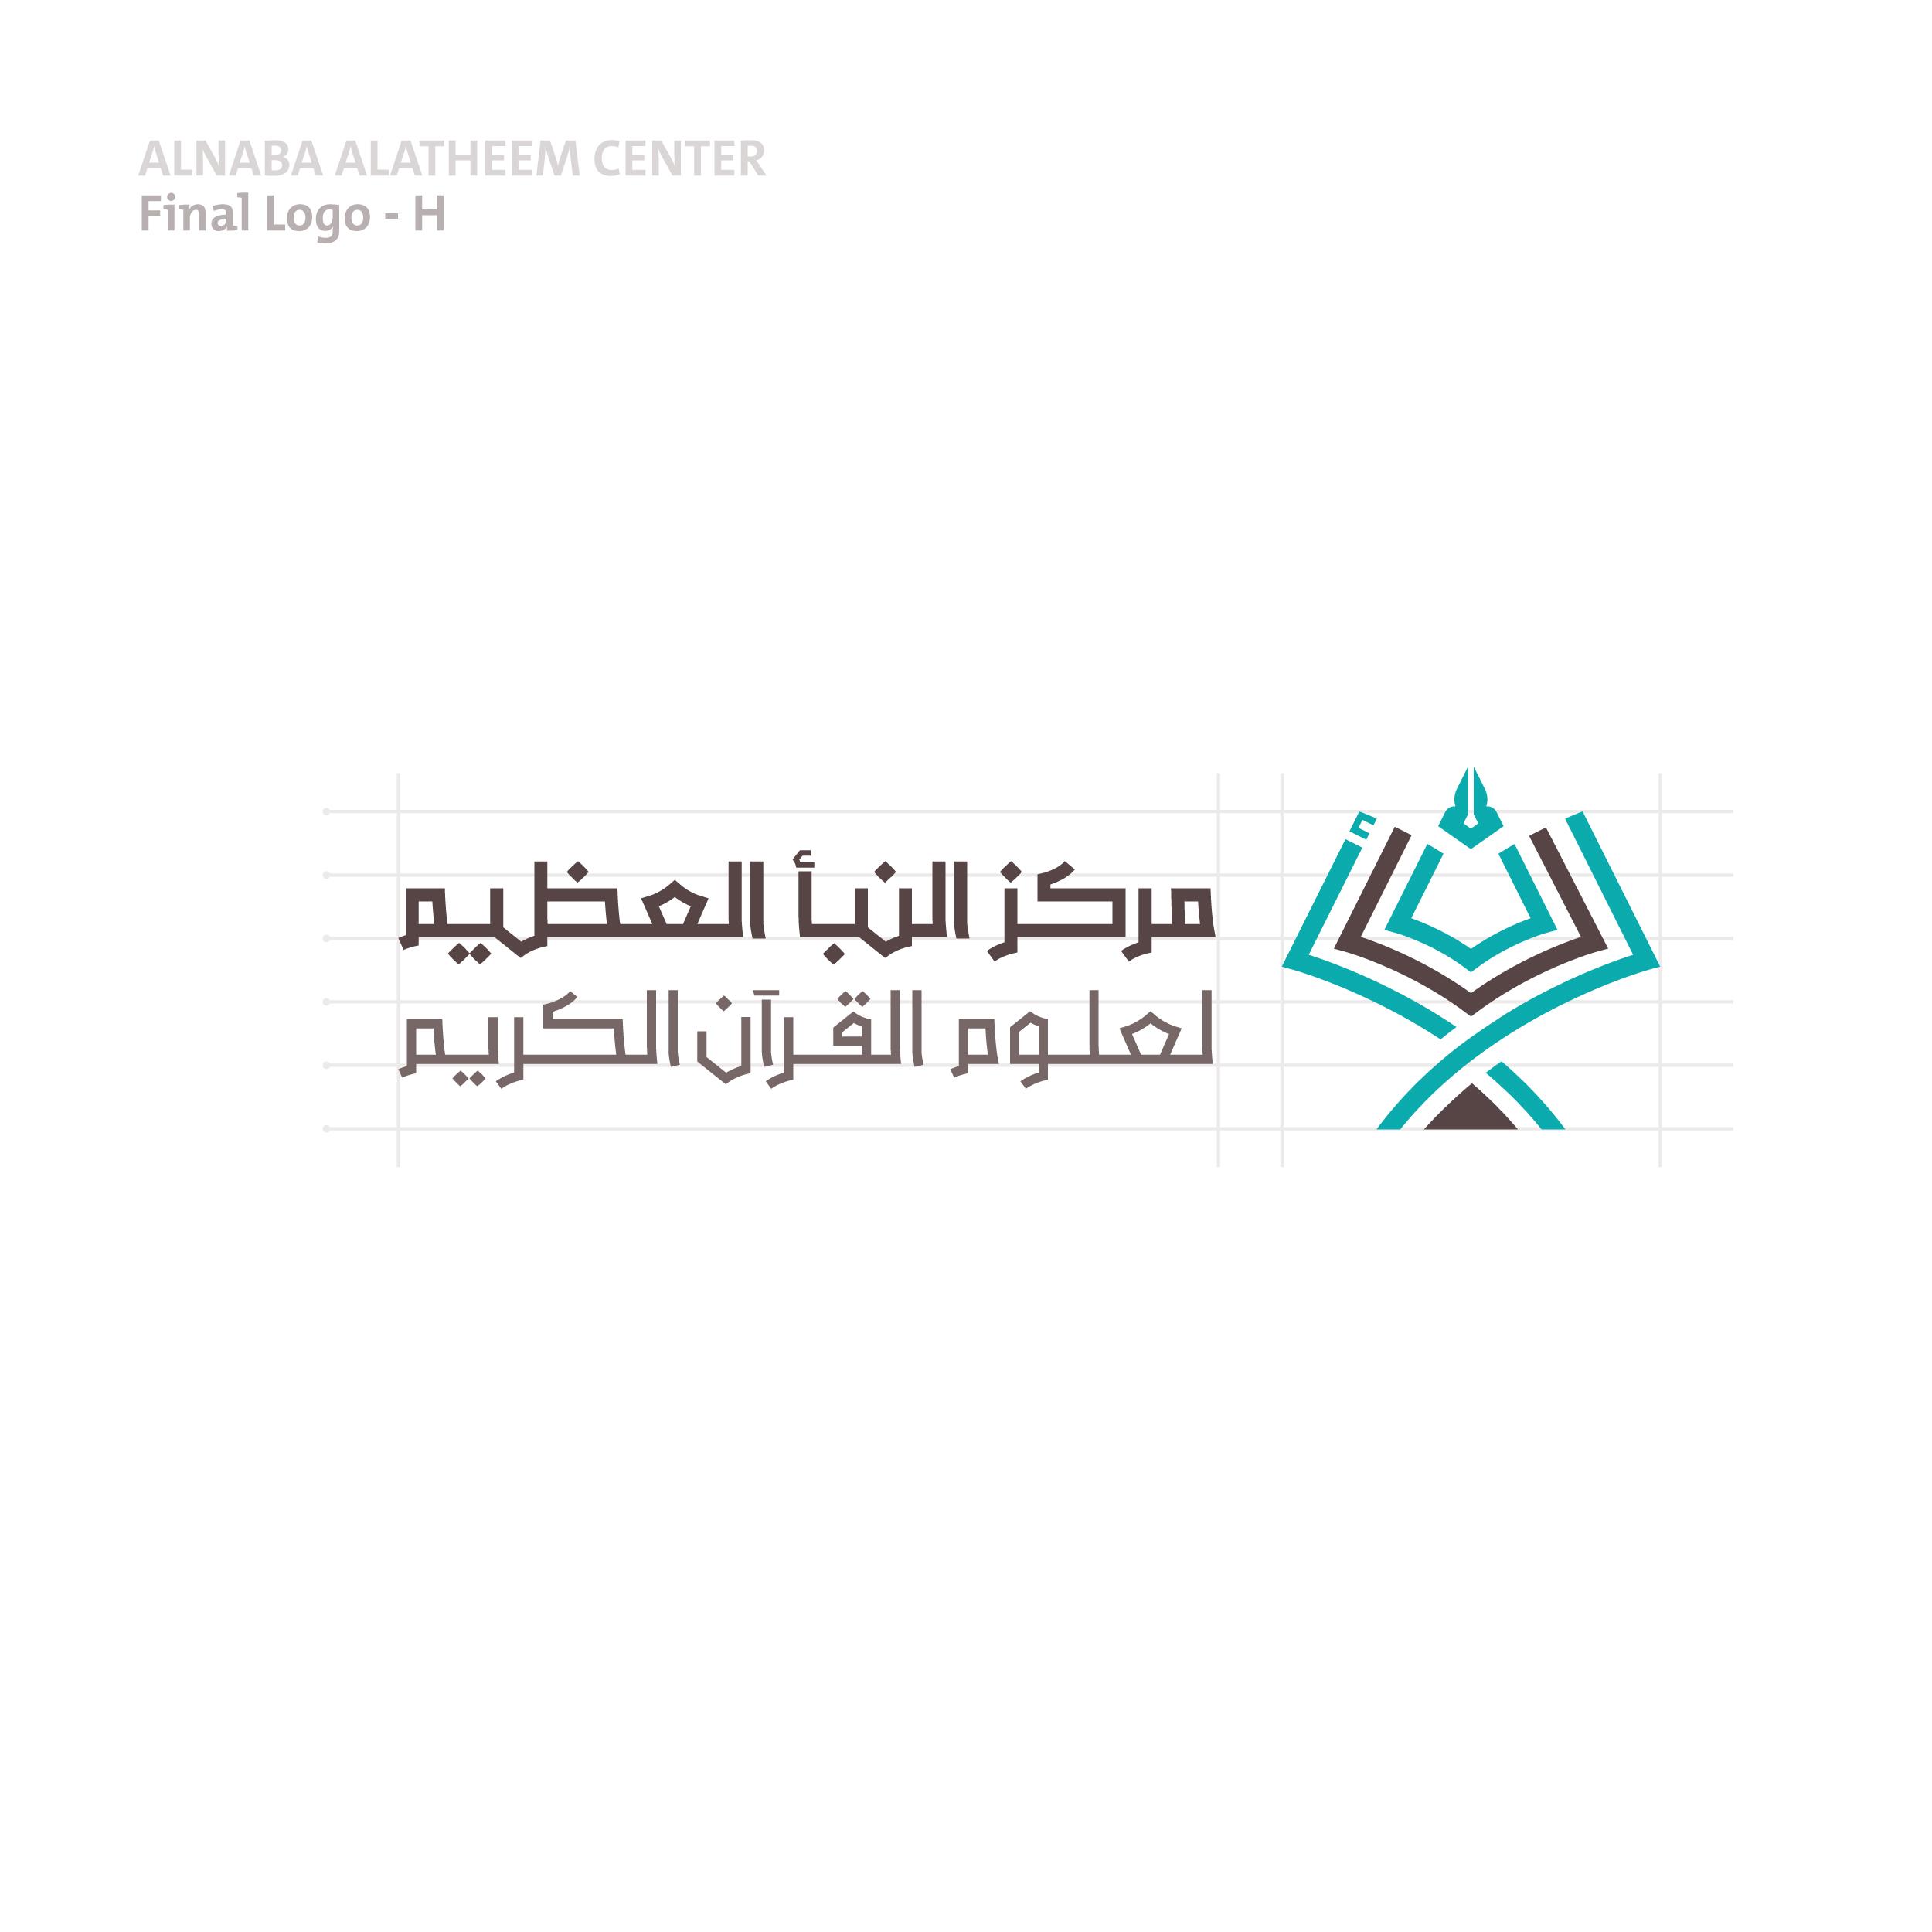 Al Nabaa Alatheem